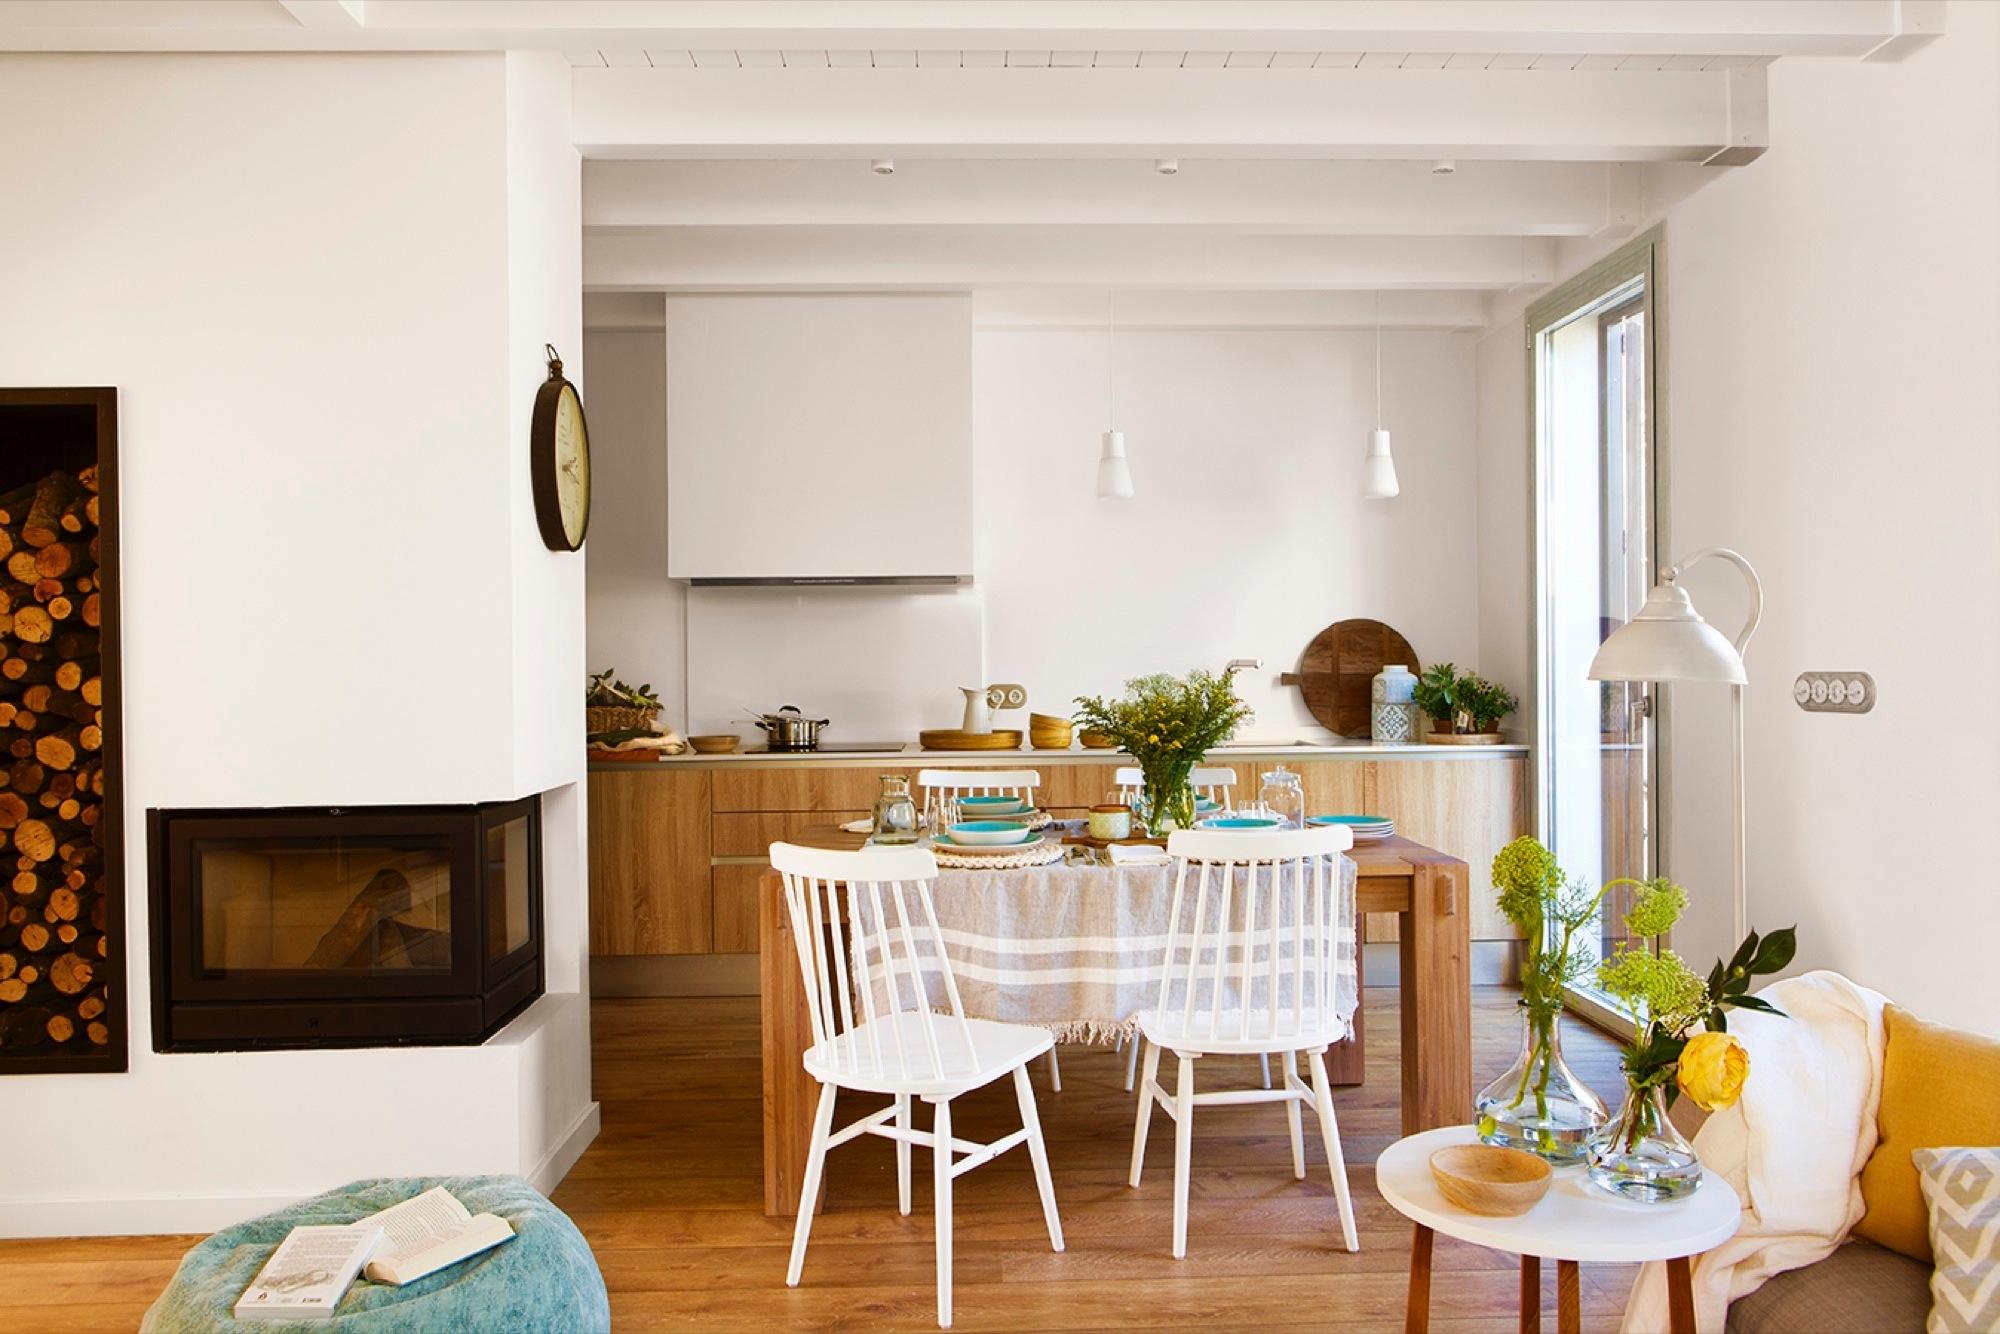 Bonito comedor cocina fotos mesa de cocina o comedor - Cocina comedor ideas ...